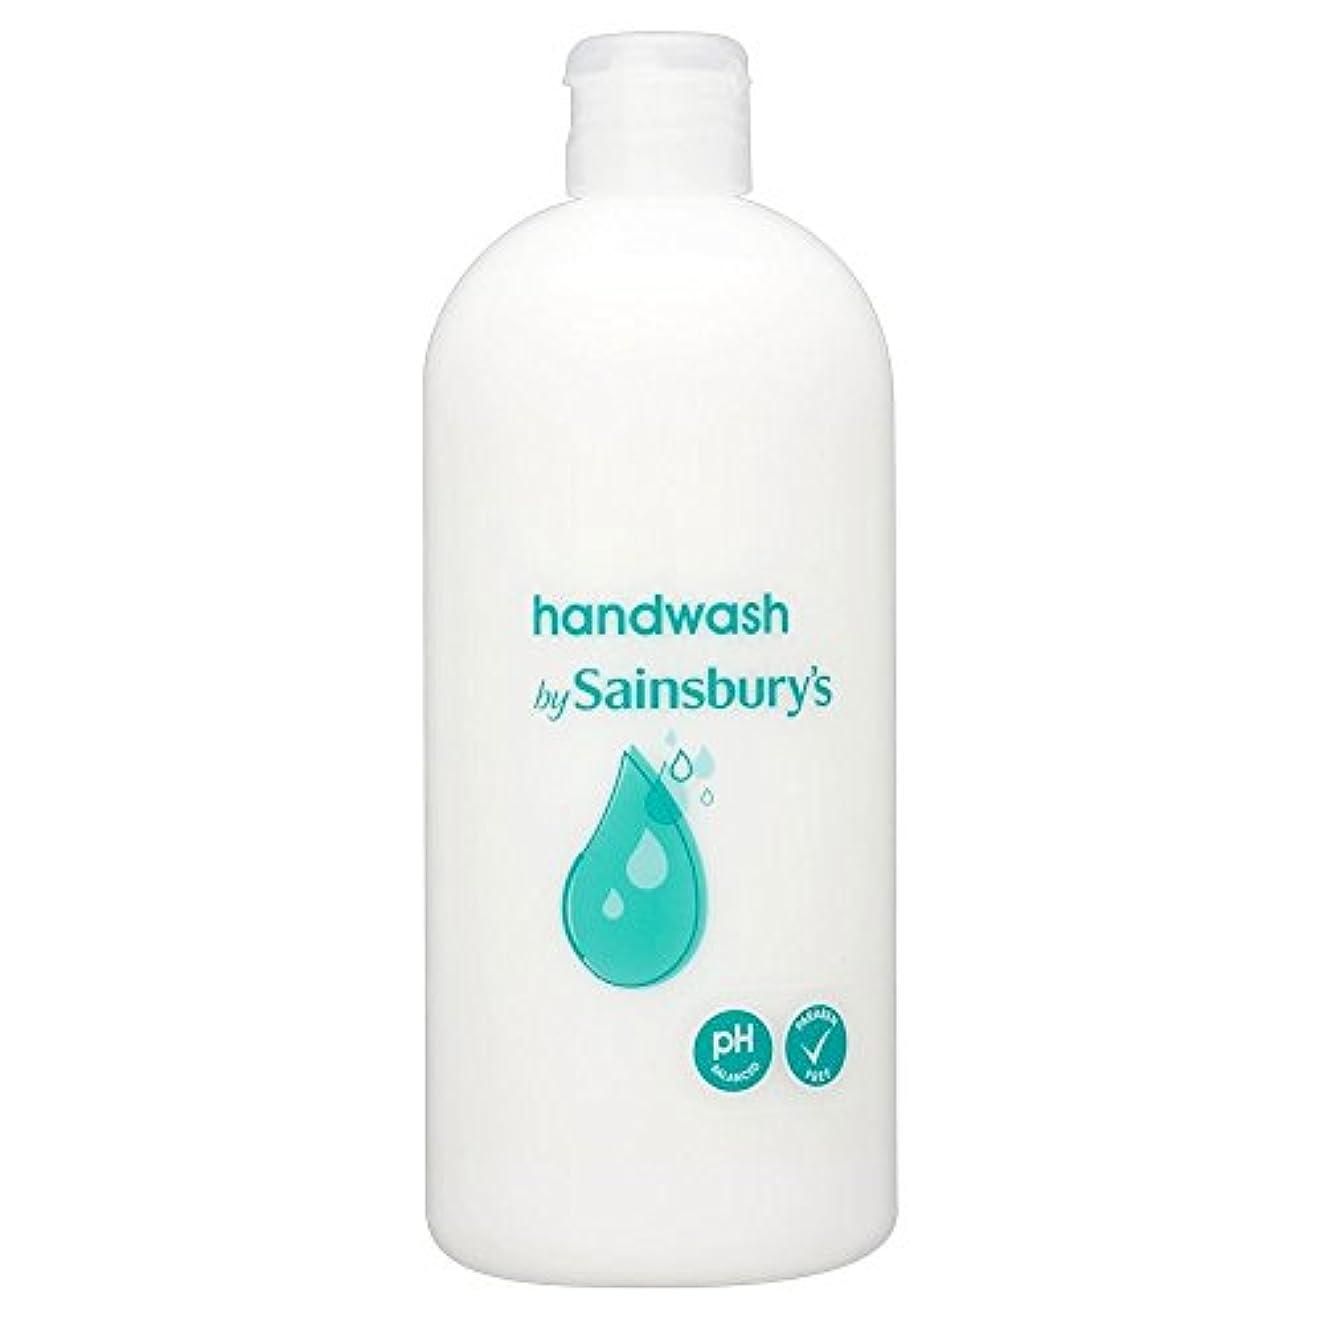 乗って風フィットネスSainsbury's Handwash, White Refill 500ml (Pack of 2) - (Sainsbury's) 手洗い、白リフィル500ミリリットル (x2) [並行輸入品]